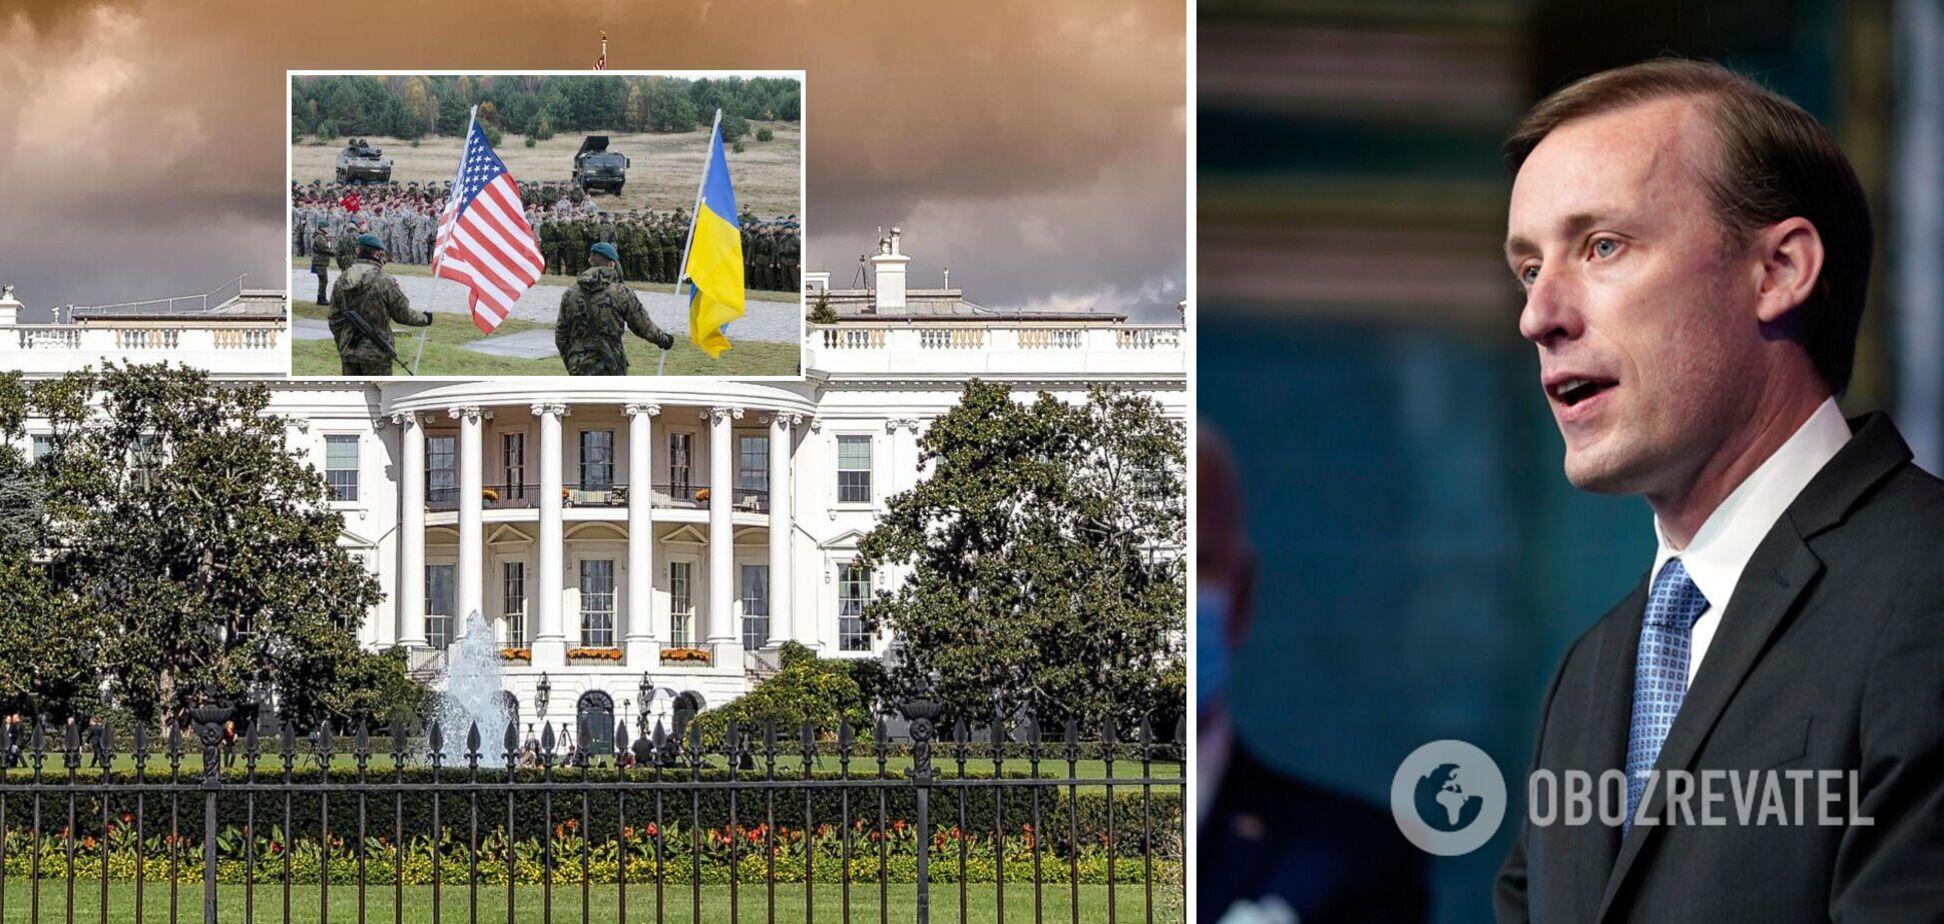 Украина не получит $100 млн военной помощи: США решили, что российская угроза утихла